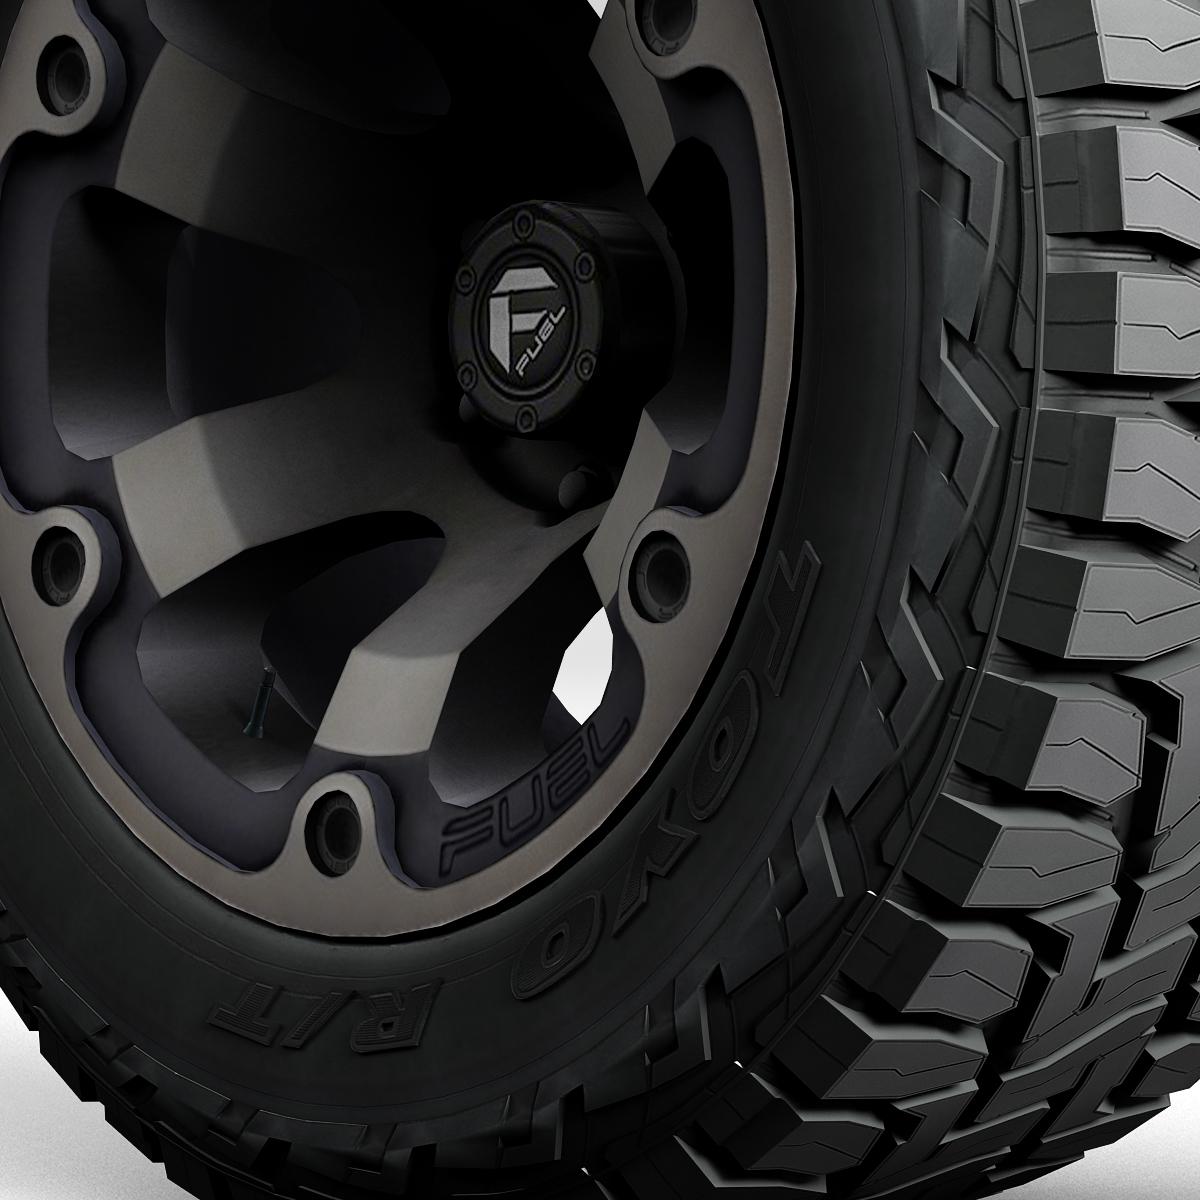 off road wheel and tire 2 3d model 3ds max fbx tga targa icb vda vst pix obj 224417